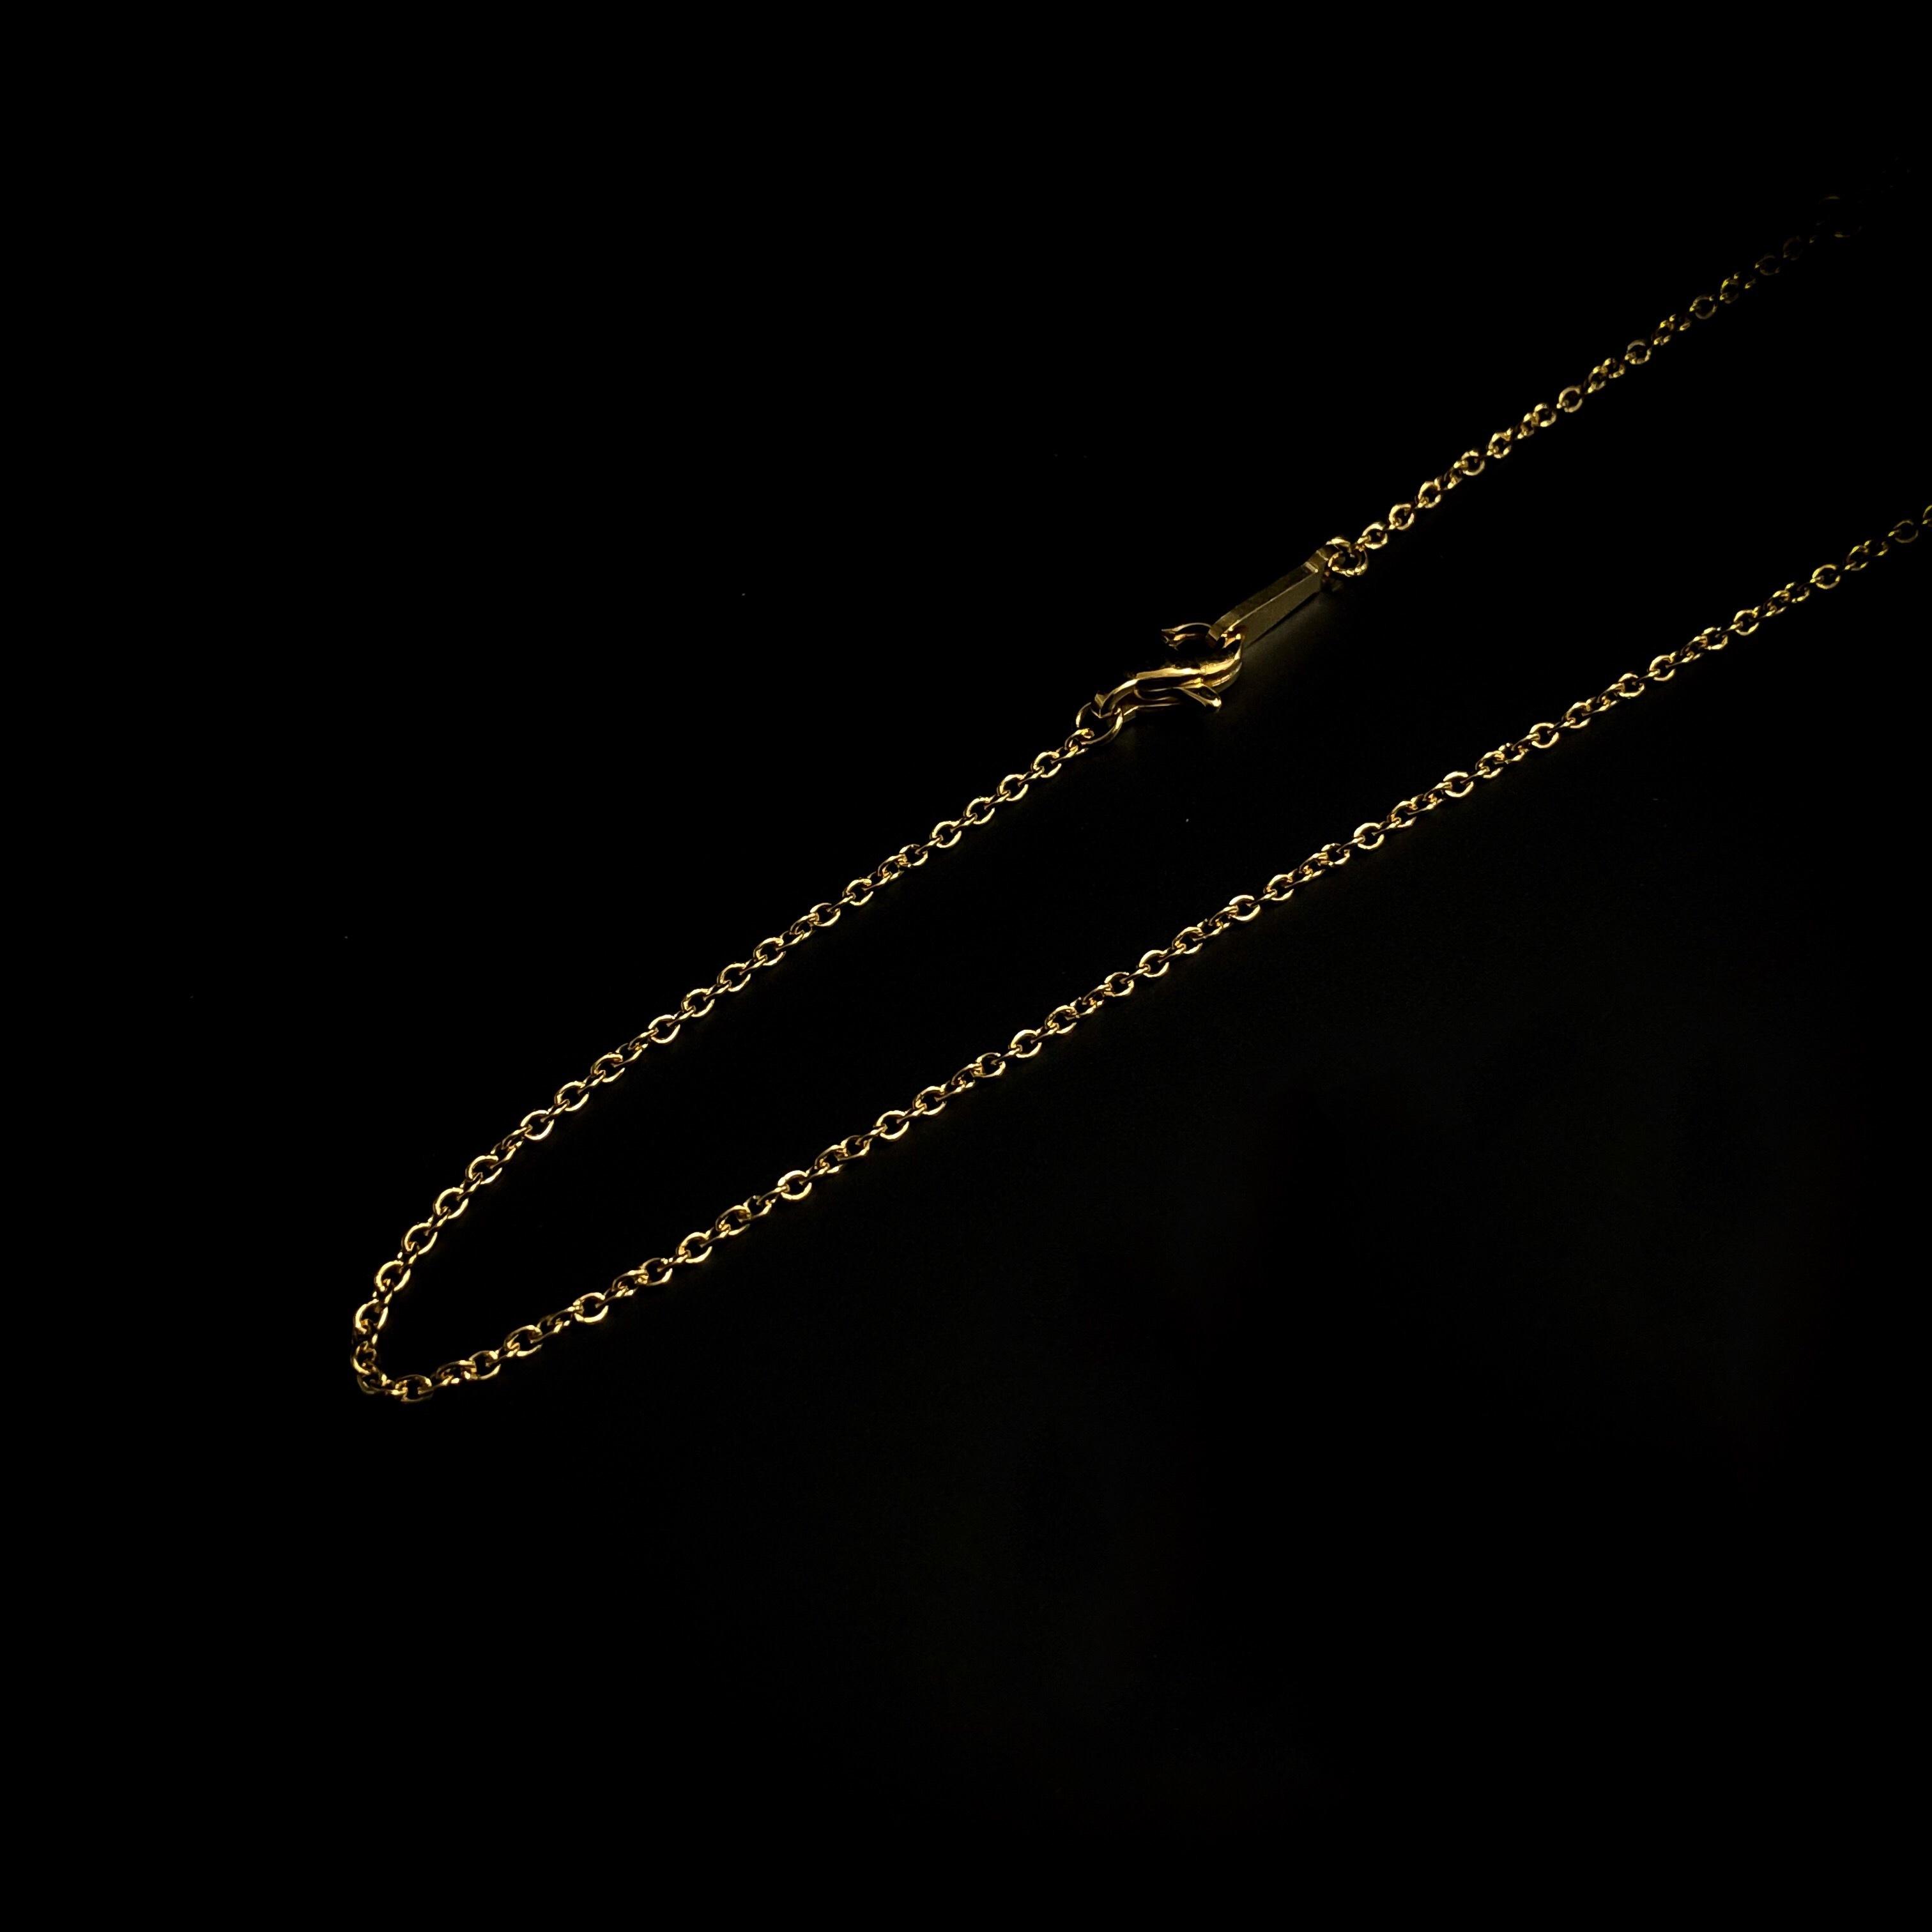 24kgp AZUKI chain 40-45